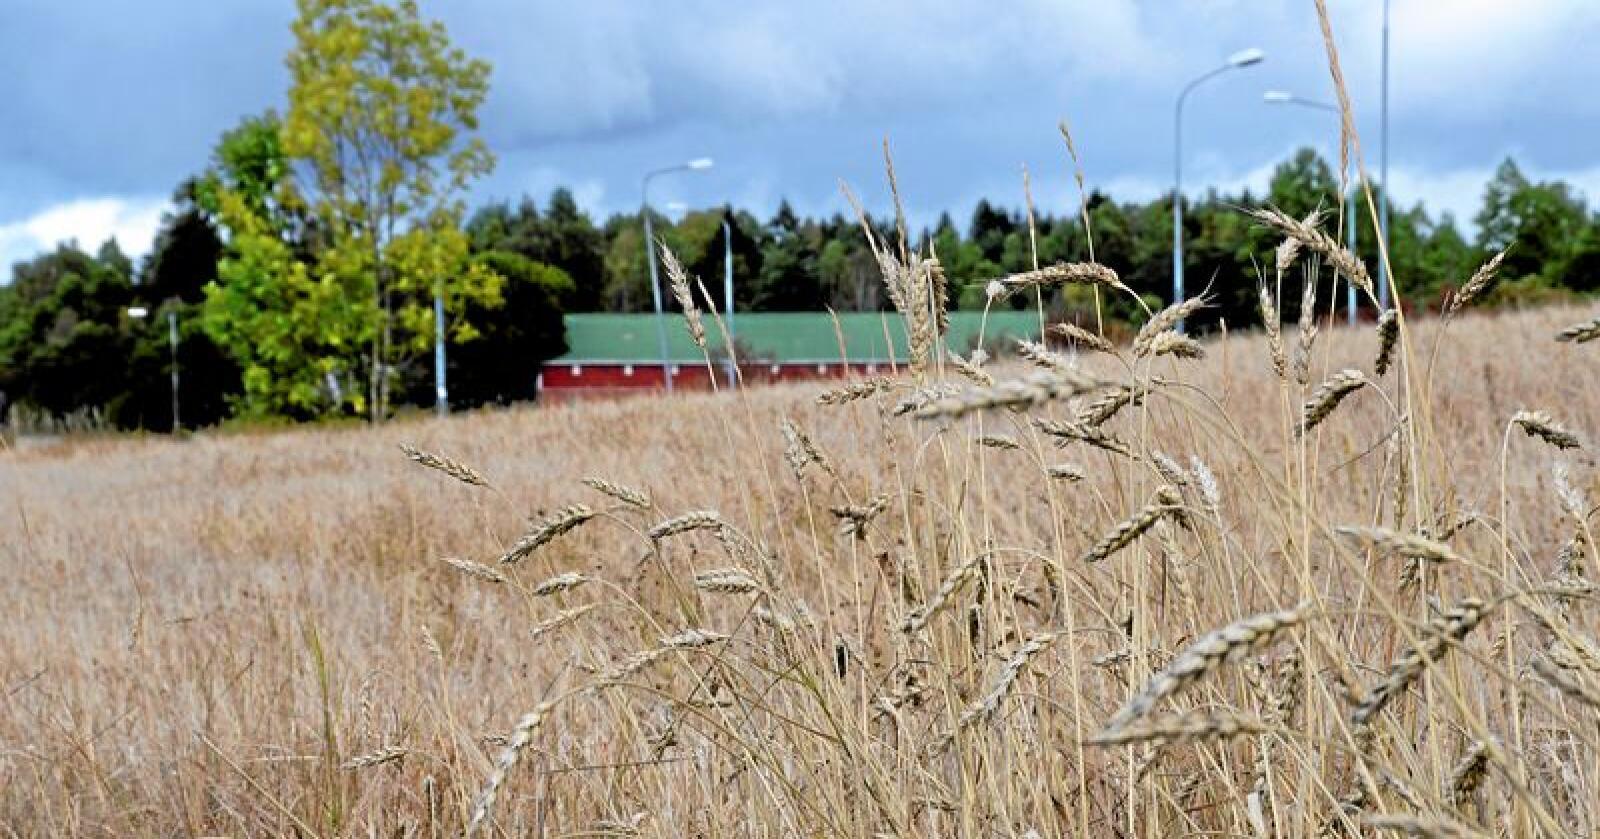 Kun tre prosent av landets areal kan brukes til planteproduksjon. Foto: Mariann Tvete